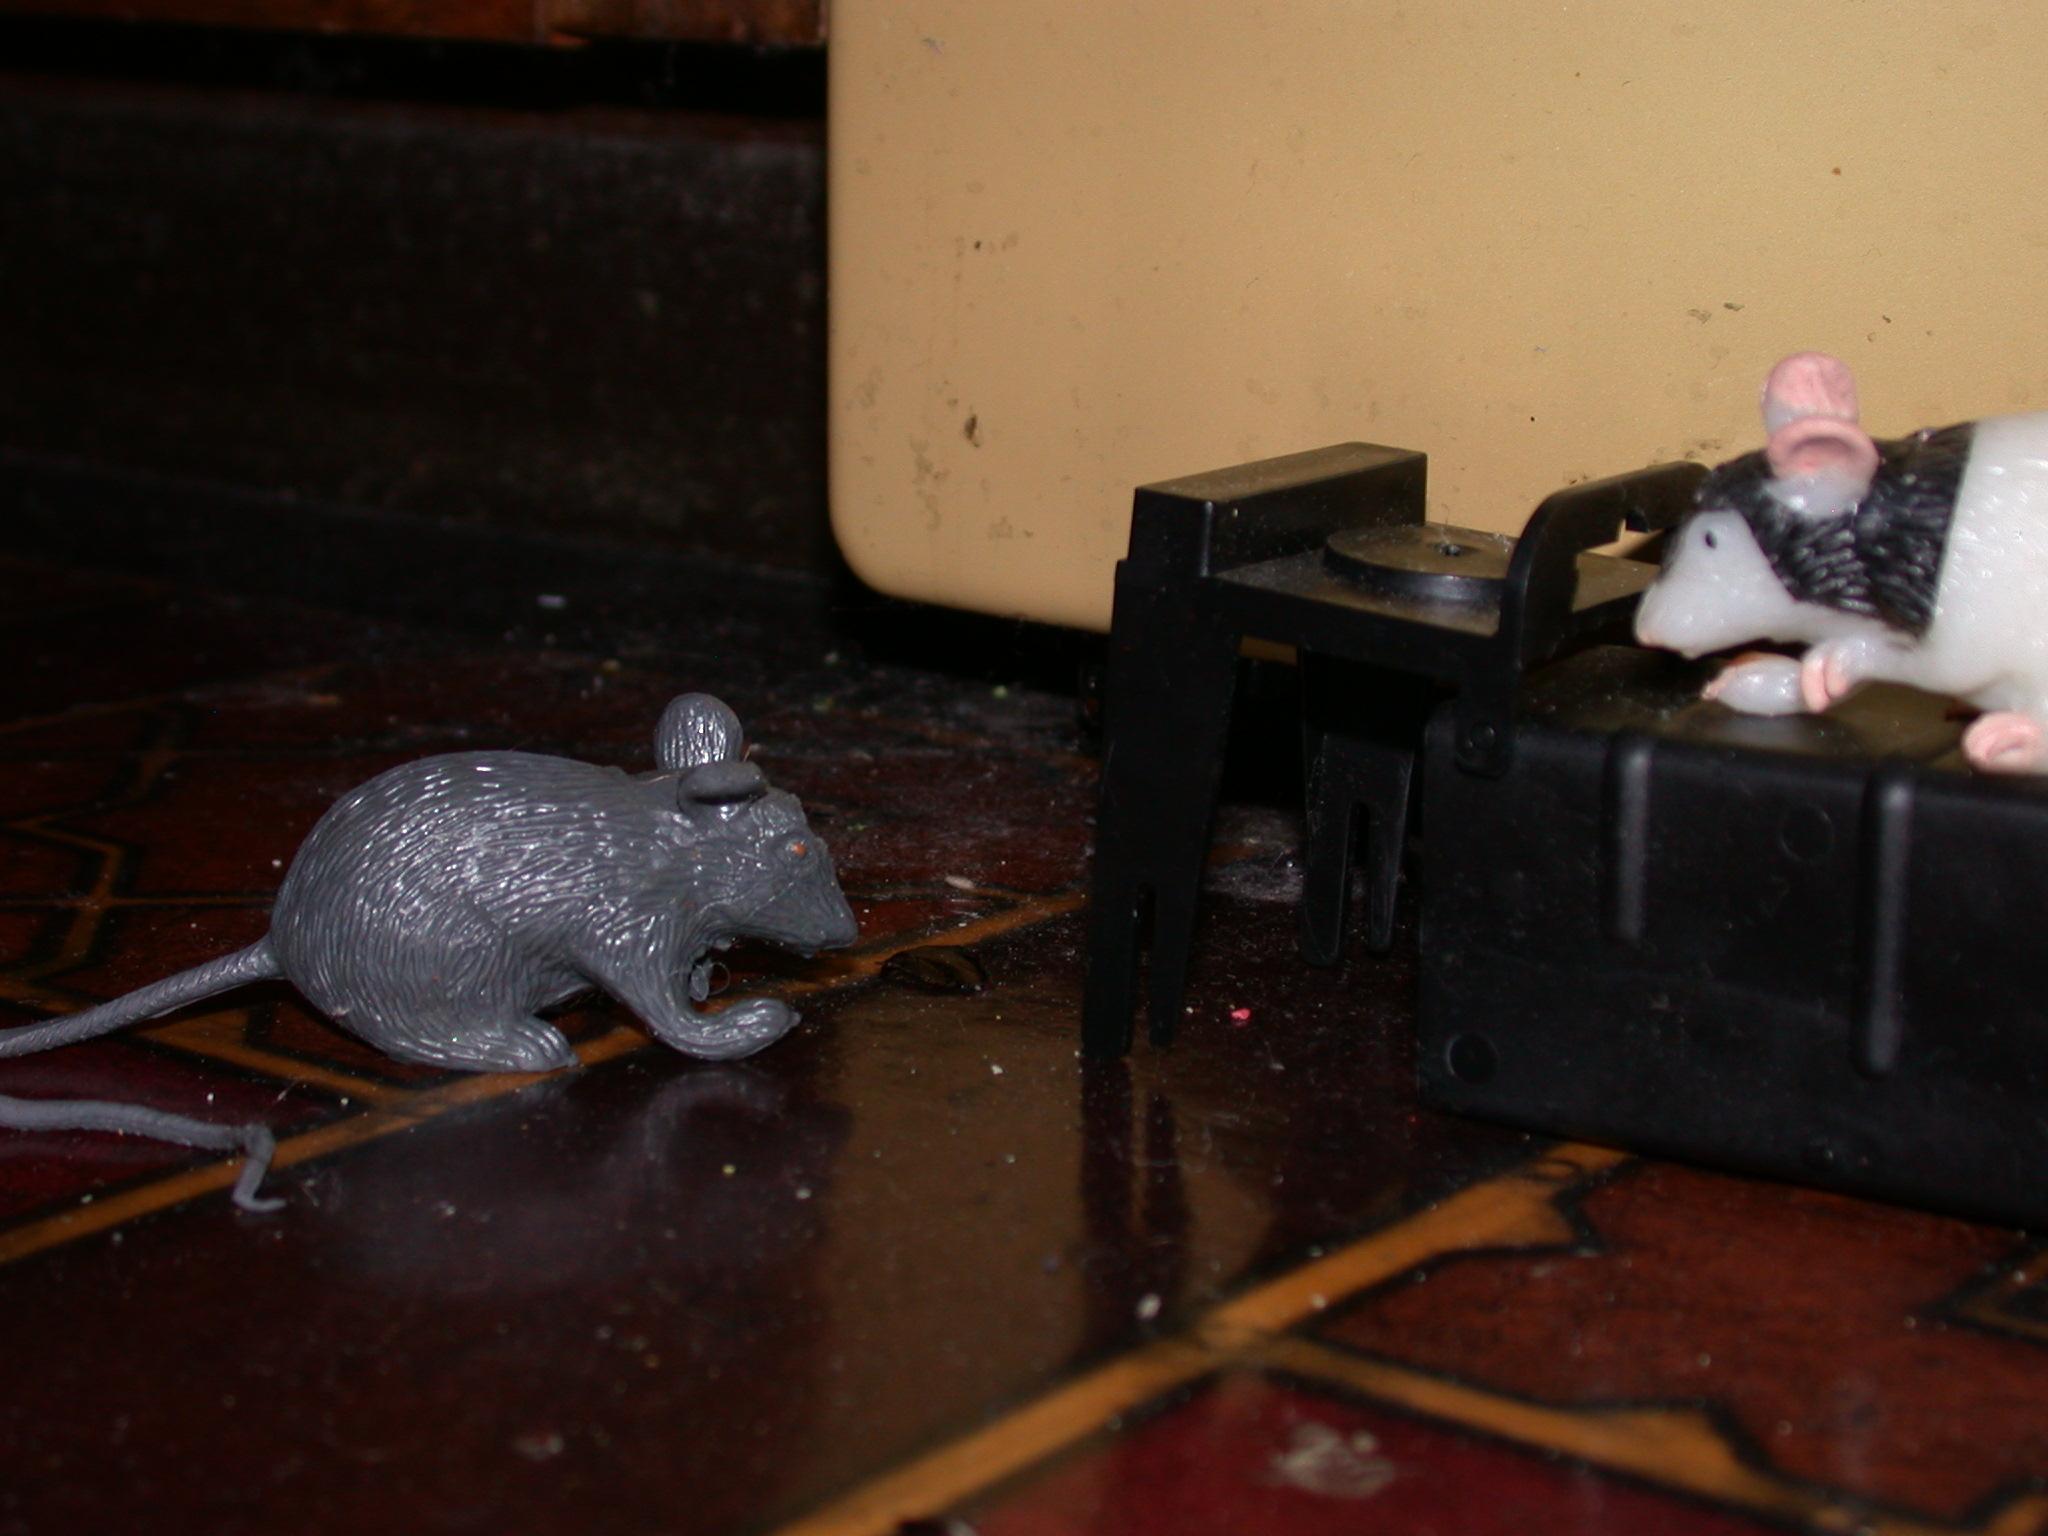 Mice Foil the Live Trap